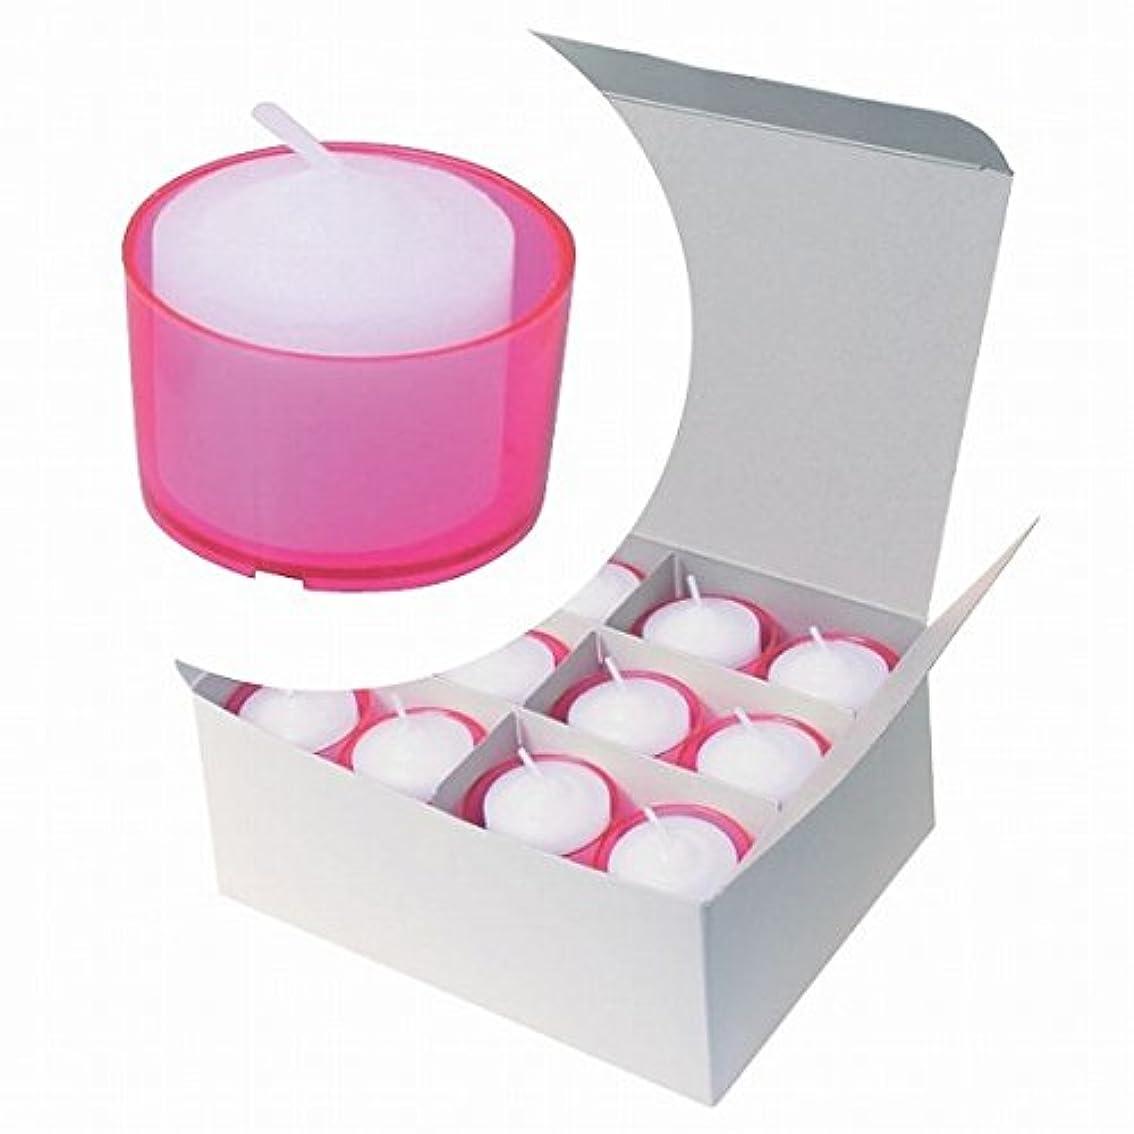 代表してマリナー師匠カメヤマキャンドル(kameyama candle) カラークリアカップボーティブ6時間タイプ 24個入り 「 ピンク 」